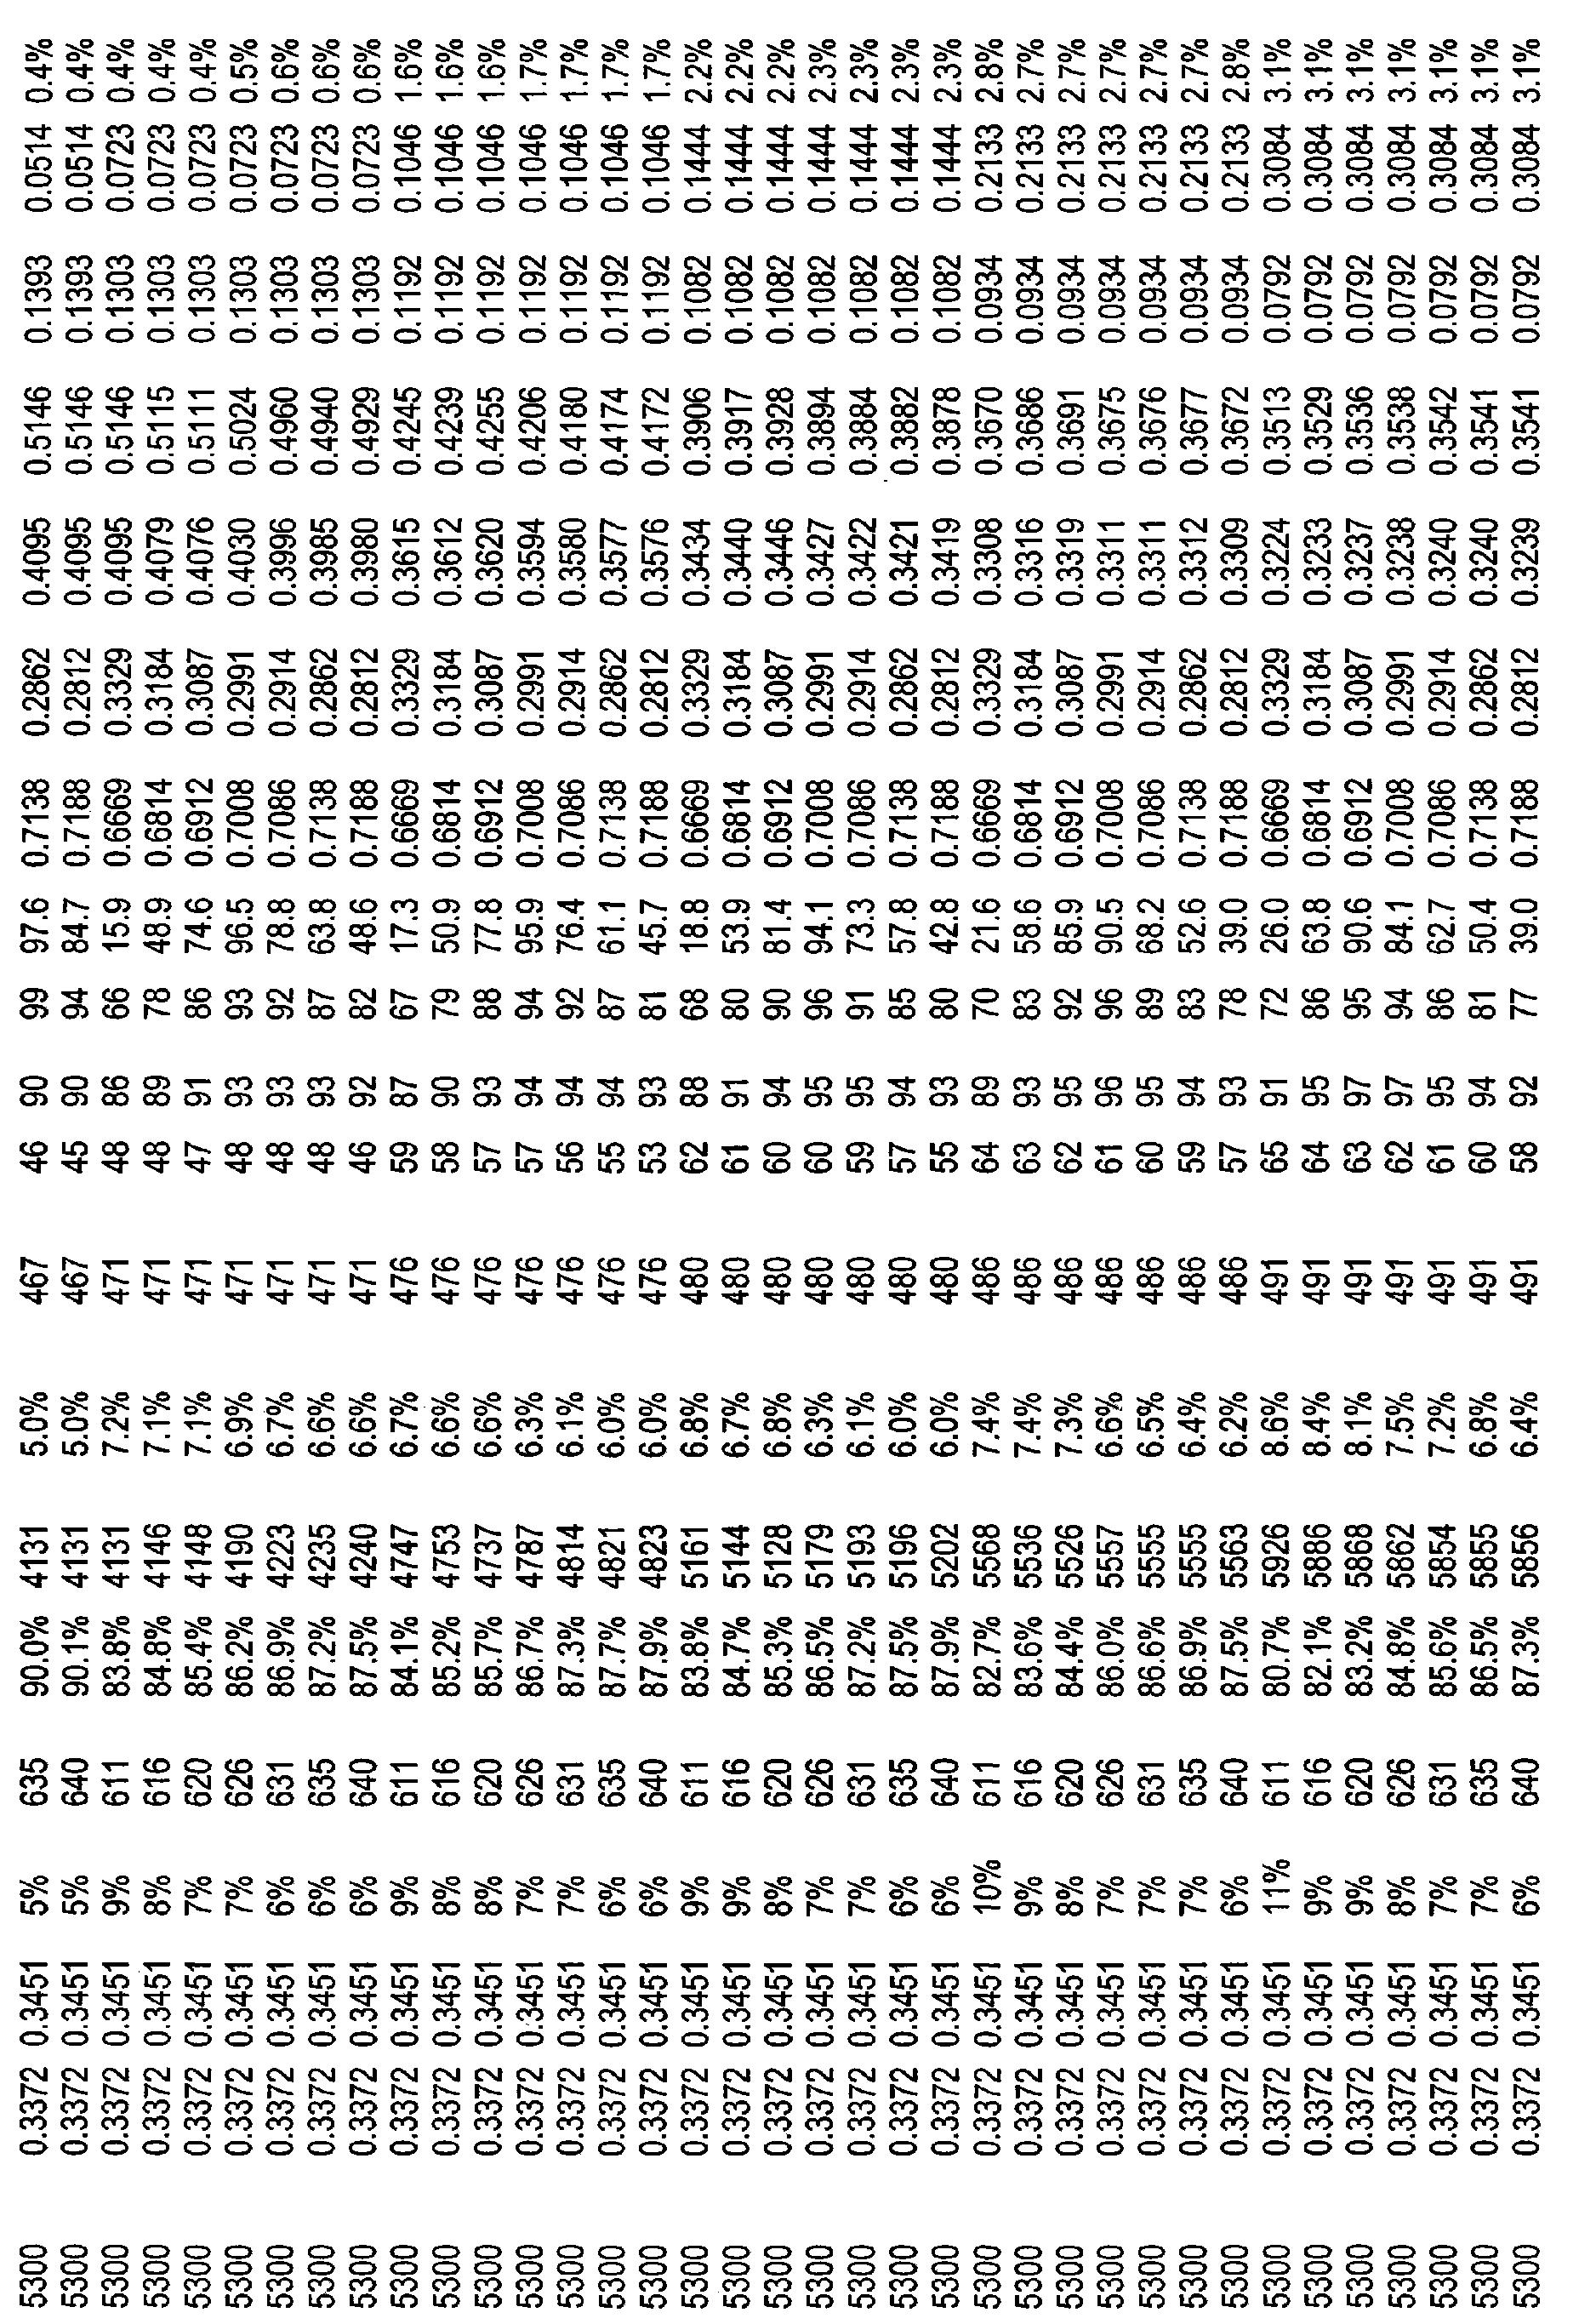 Figure CN101821544BD00561